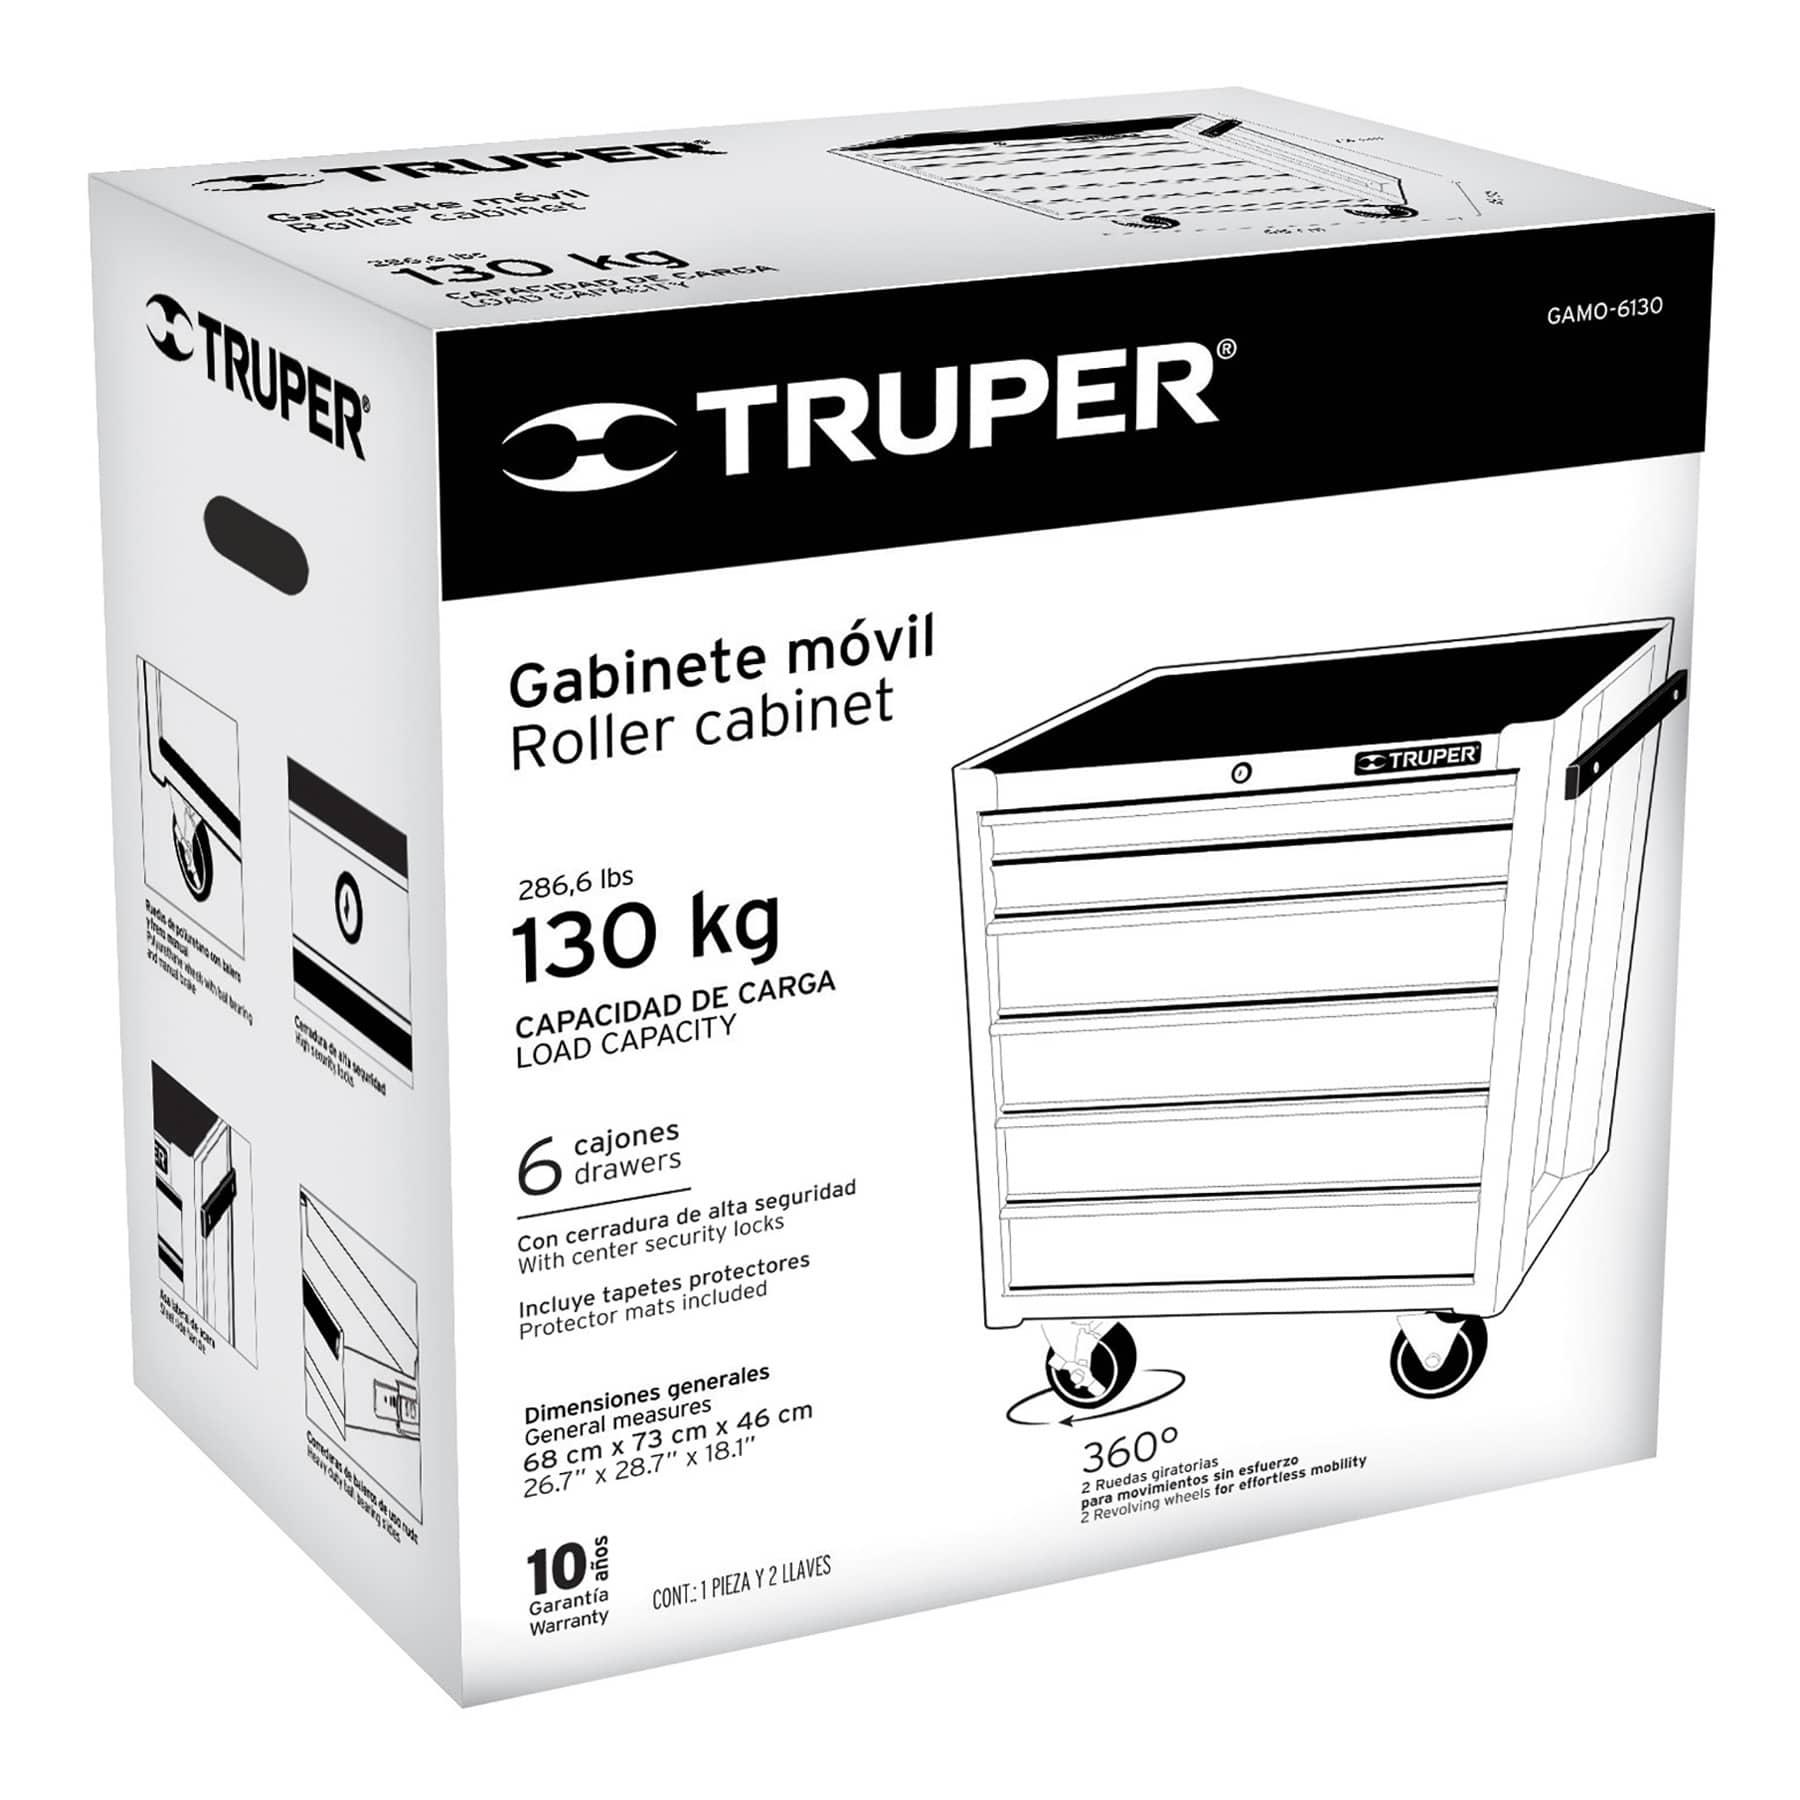 Truper - Gabinete metálico móvil, 6 cajones, capacidad 130 kg.